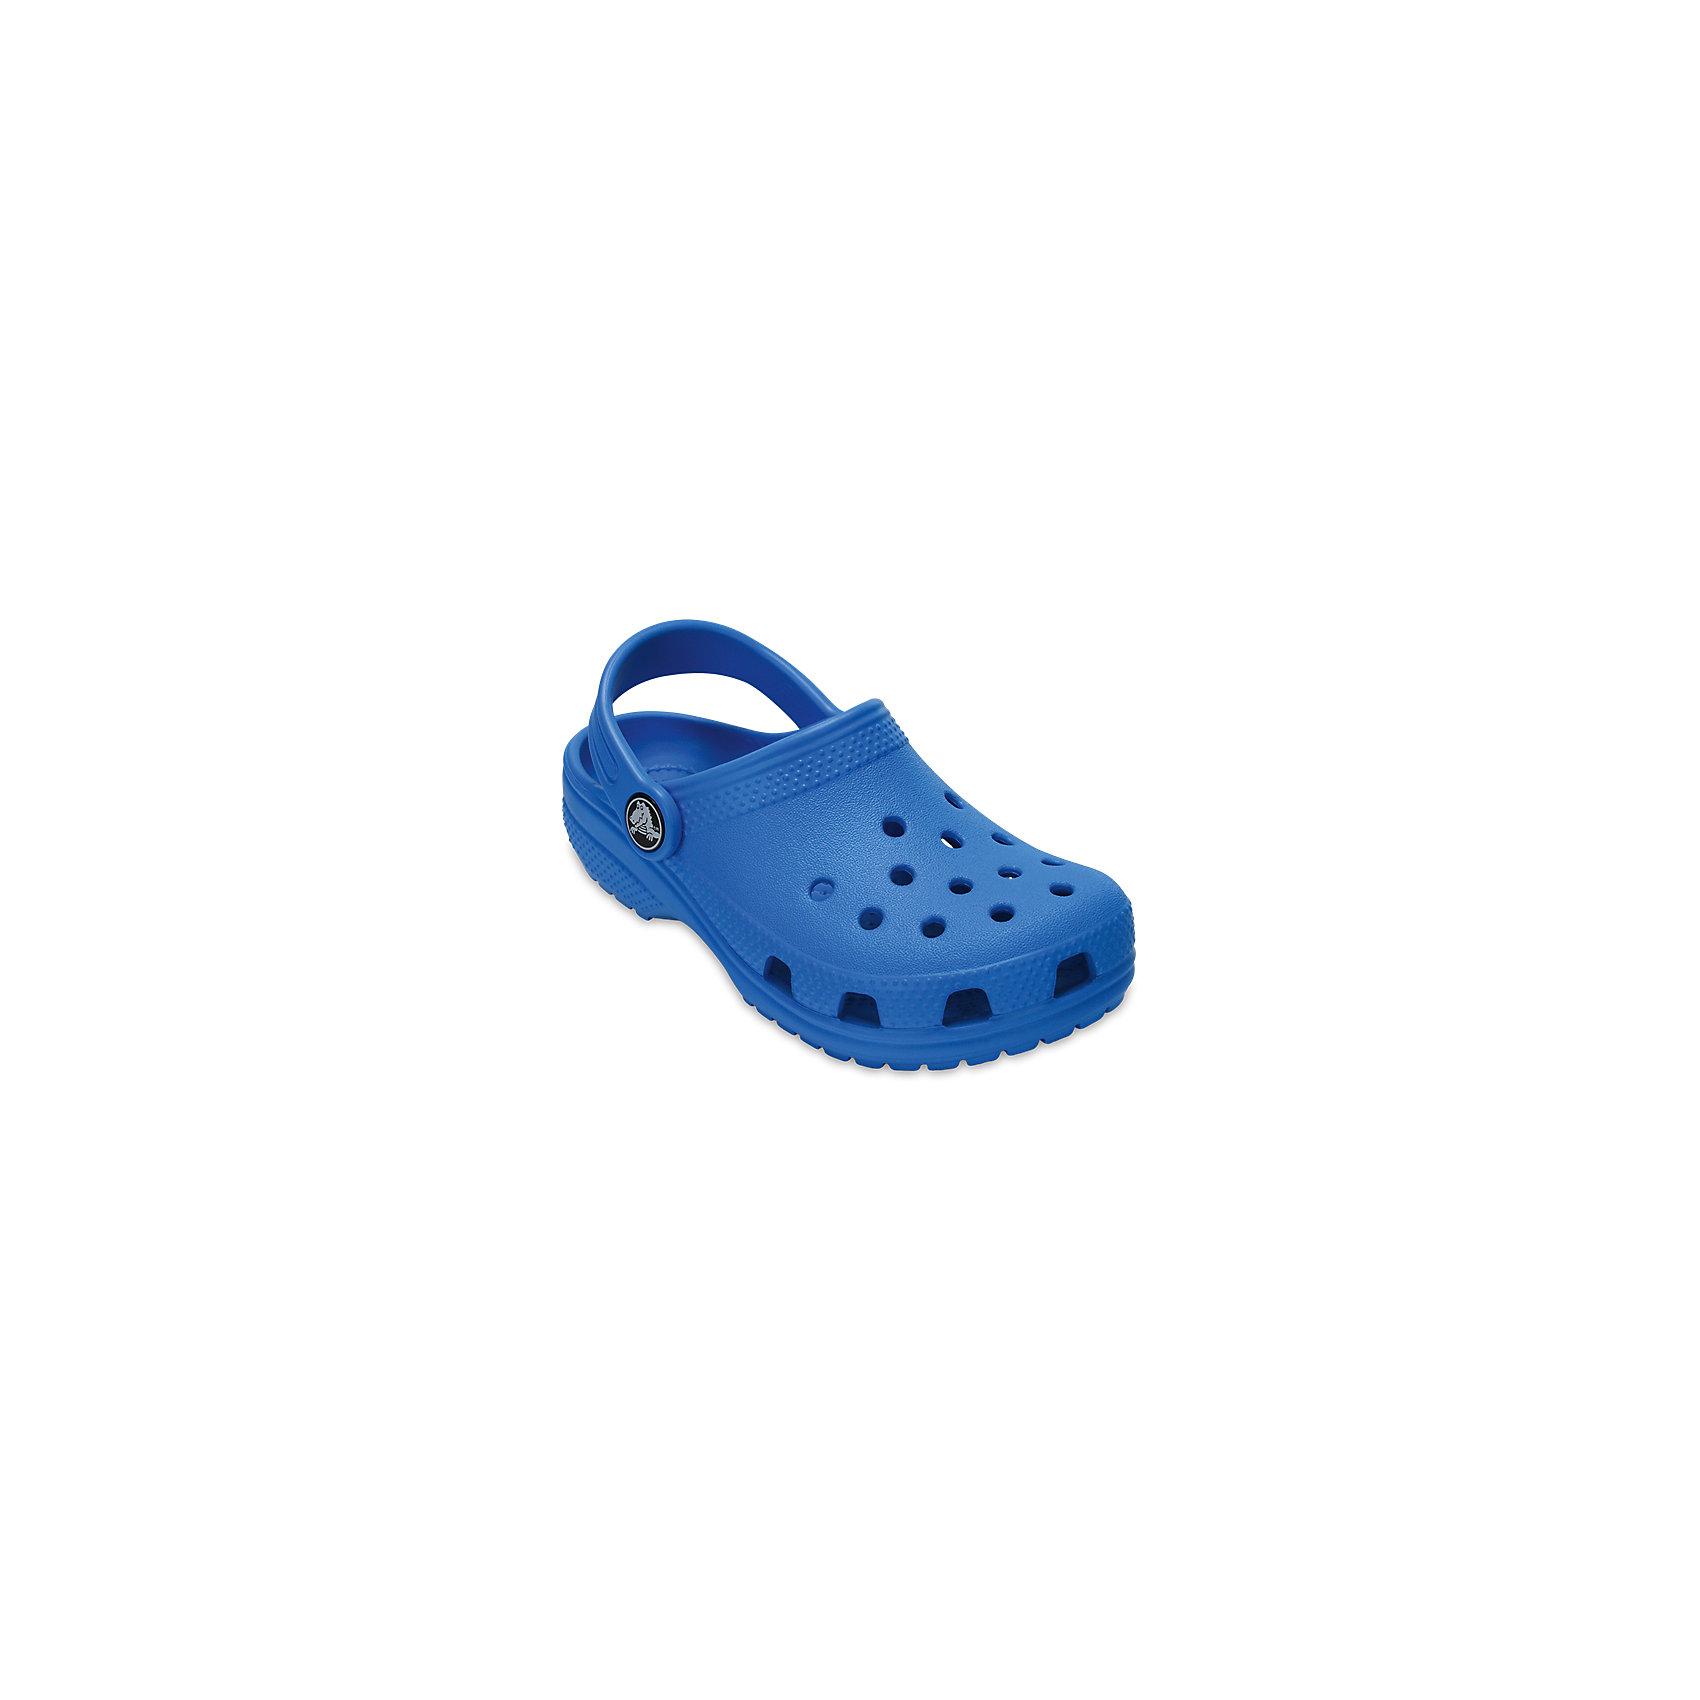 Сабо Classic clog, CROCSПляжная обувь<br>Характеристики товара:<br><br>• цвет: синий<br>• сезон: лето<br>• тип: пляжная обувь<br>• материал: 100% полимер Croslite™<br>• литая модель<br>• вентиляционные отверстия<br>• бактериостатичный материал<br>• пяточный ремешок фиксирует стопу<br>• толстая устойчивая подошва<br>• отверстия для использования украшений<br>• анатомическая стелька с массажными точками<br>• страна бренда: США<br>• страна изготовитель: Китай<br><br>Сабо Classic clog обеспечивают детям необходимый комфорт, а анатомическая стелька с массажными линиями для стимуляции кровообращения позволяет ножкам дольше не уставать. <br><br>Материал, из которого они сделаны, не дает размножаться бактериям, поэтому такая обувь препятствует образованию неприятного запаха и появлению болезней стоп. <br><br>Обувь от американского бренда Crocs в данный момент завоевала широкую популярность во всем мире, и это не удивительно - ведь она невероятно удобна. <br><br>Сабо Classic clog от торговой марки Crocs можно купить в нашем интернет-магазине.<br><br>Ширина мм: 225<br>Глубина мм: 139<br>Высота мм: 112<br>Вес г: 290<br>Цвет: голубой<br>Возраст от месяцев: 96<br>Возраст до месяцев: 108<br>Пол: Унисекс<br>Возраст: Детский<br>Размер: 31/32,33/34,34/35,27,28,29,30,21,22,23,24,25,26<br>SKU: 5416414